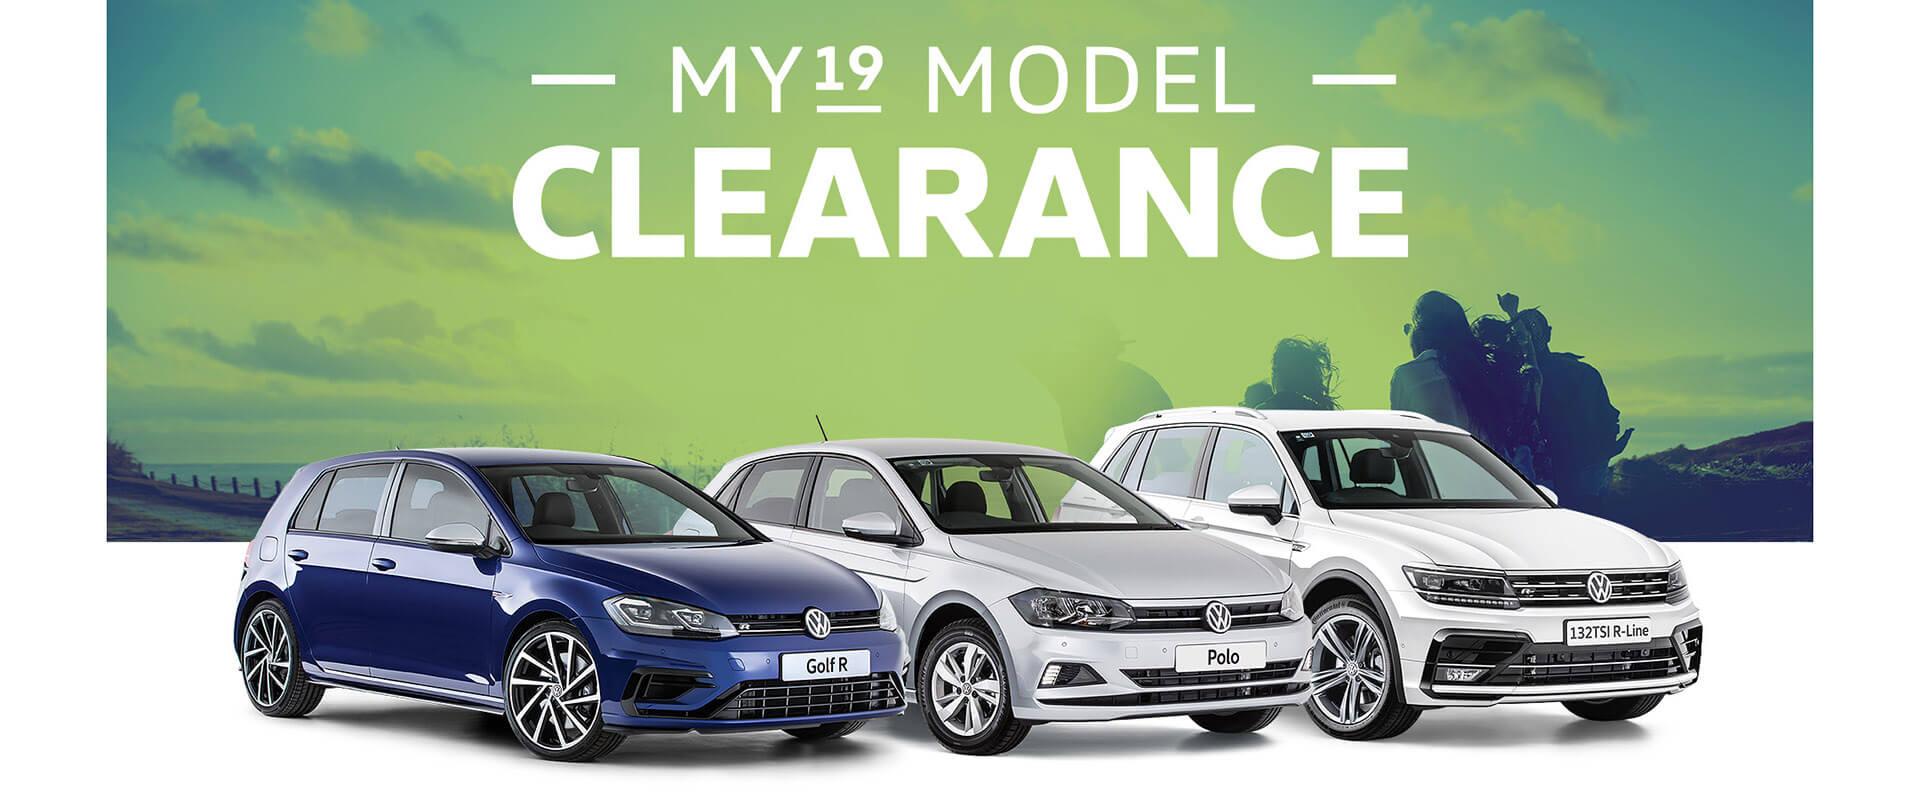 Volkswagen EOFY Offer